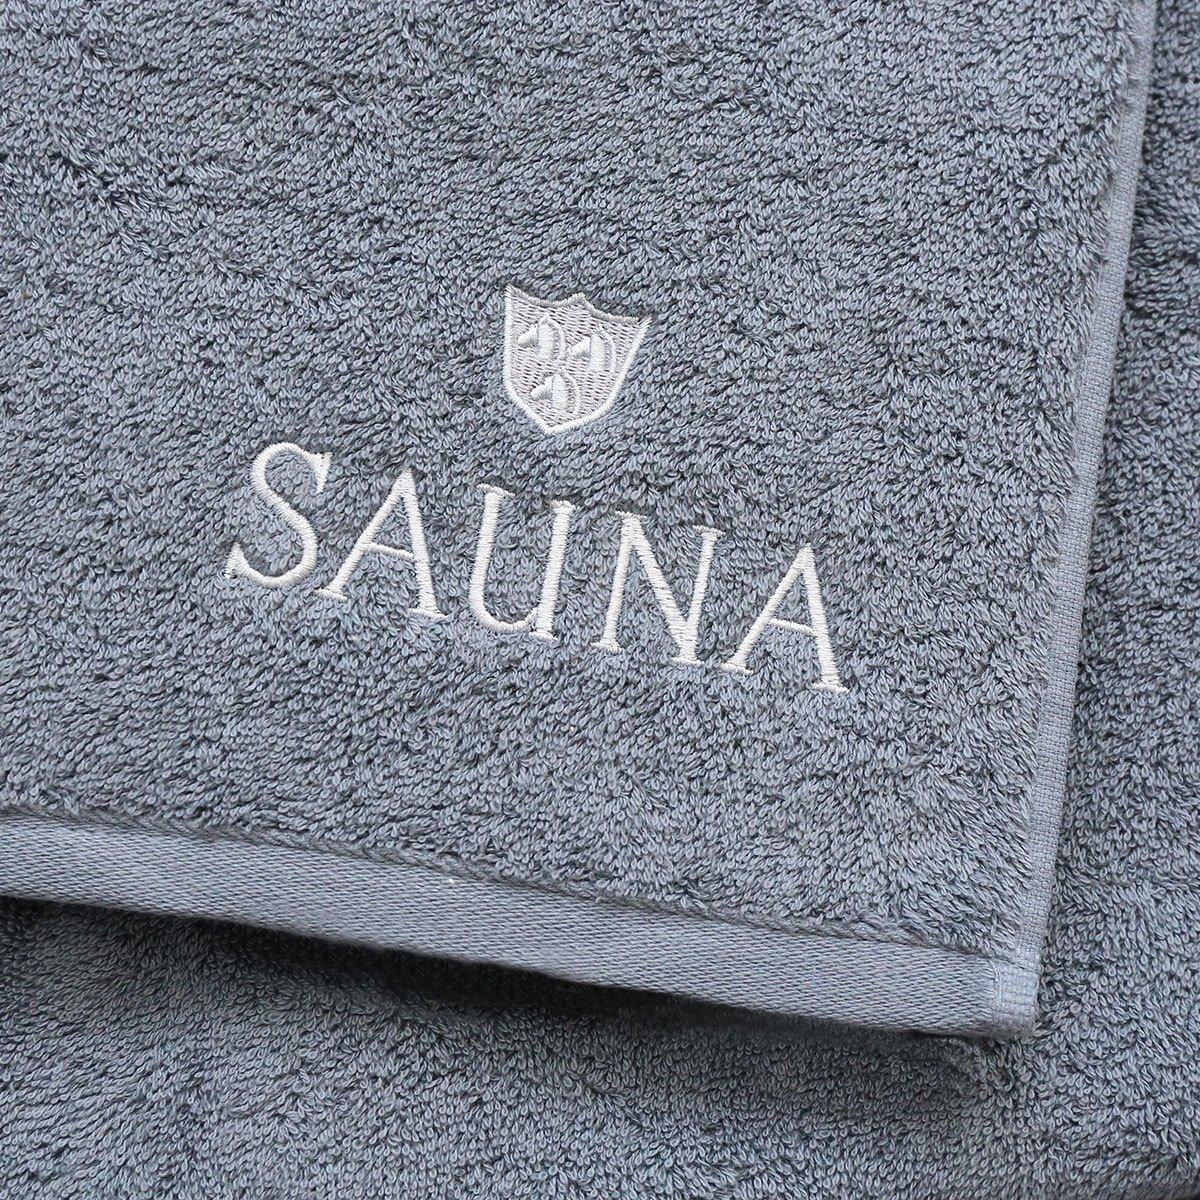 ROSS Saunatuch Wellnesstuch weiche Qualität mit Stickerei und Logo 4 Farben